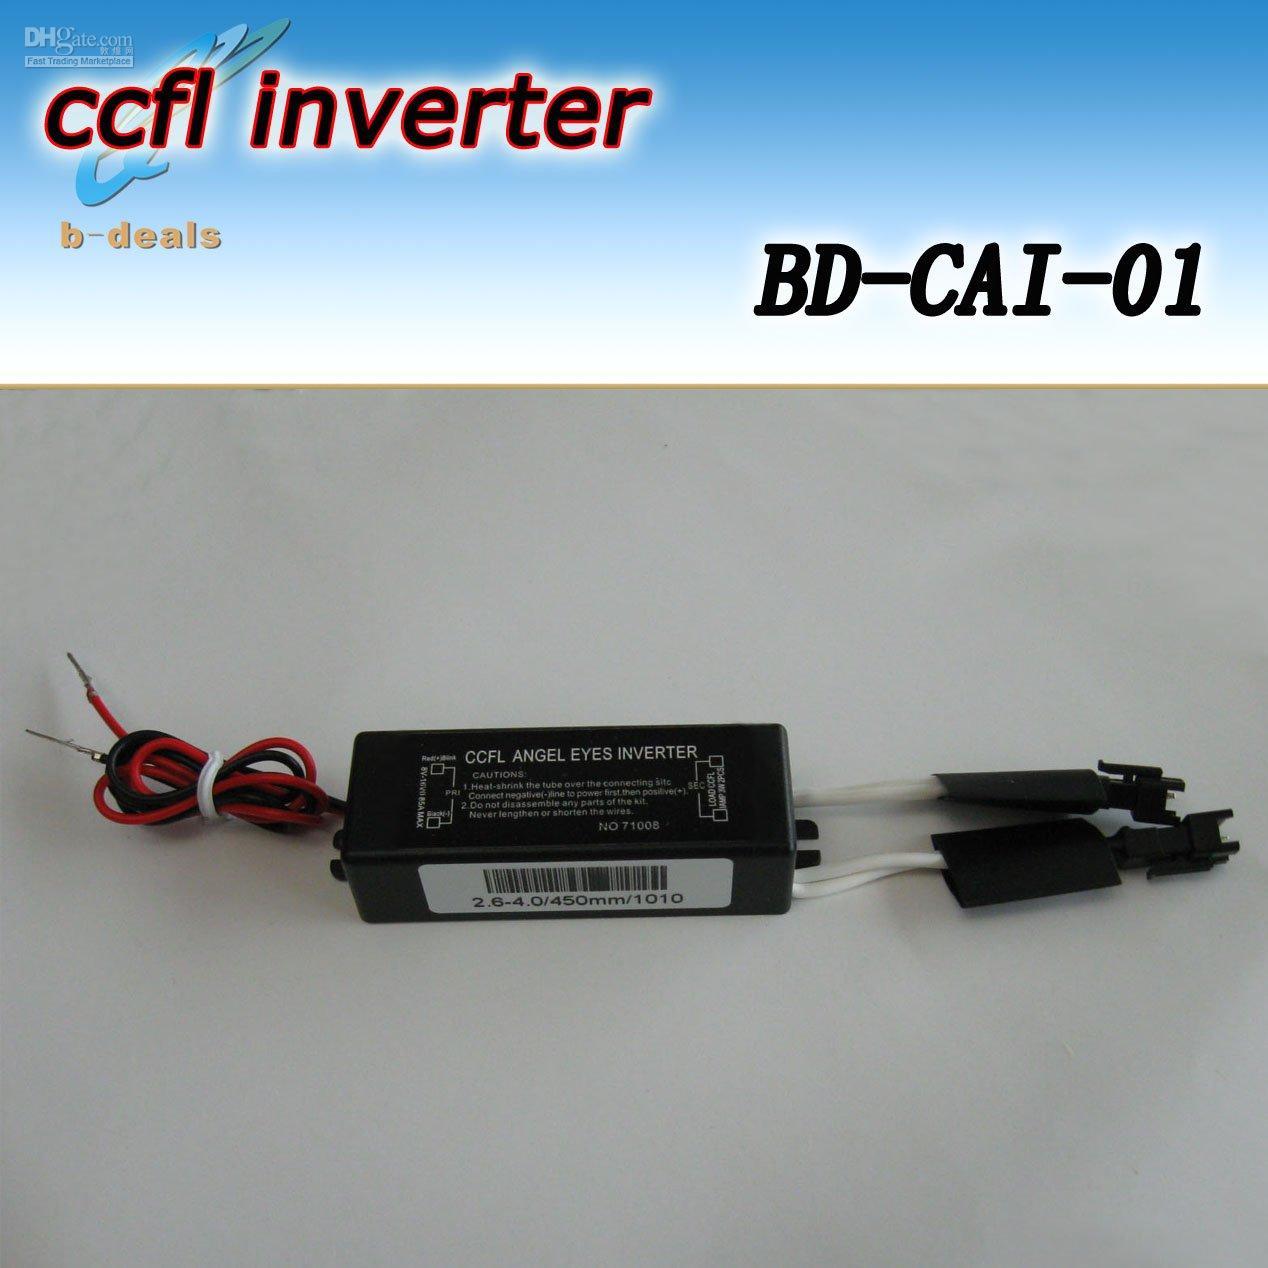 12v ccfl - 12V output inverter for CCFL angel eyes